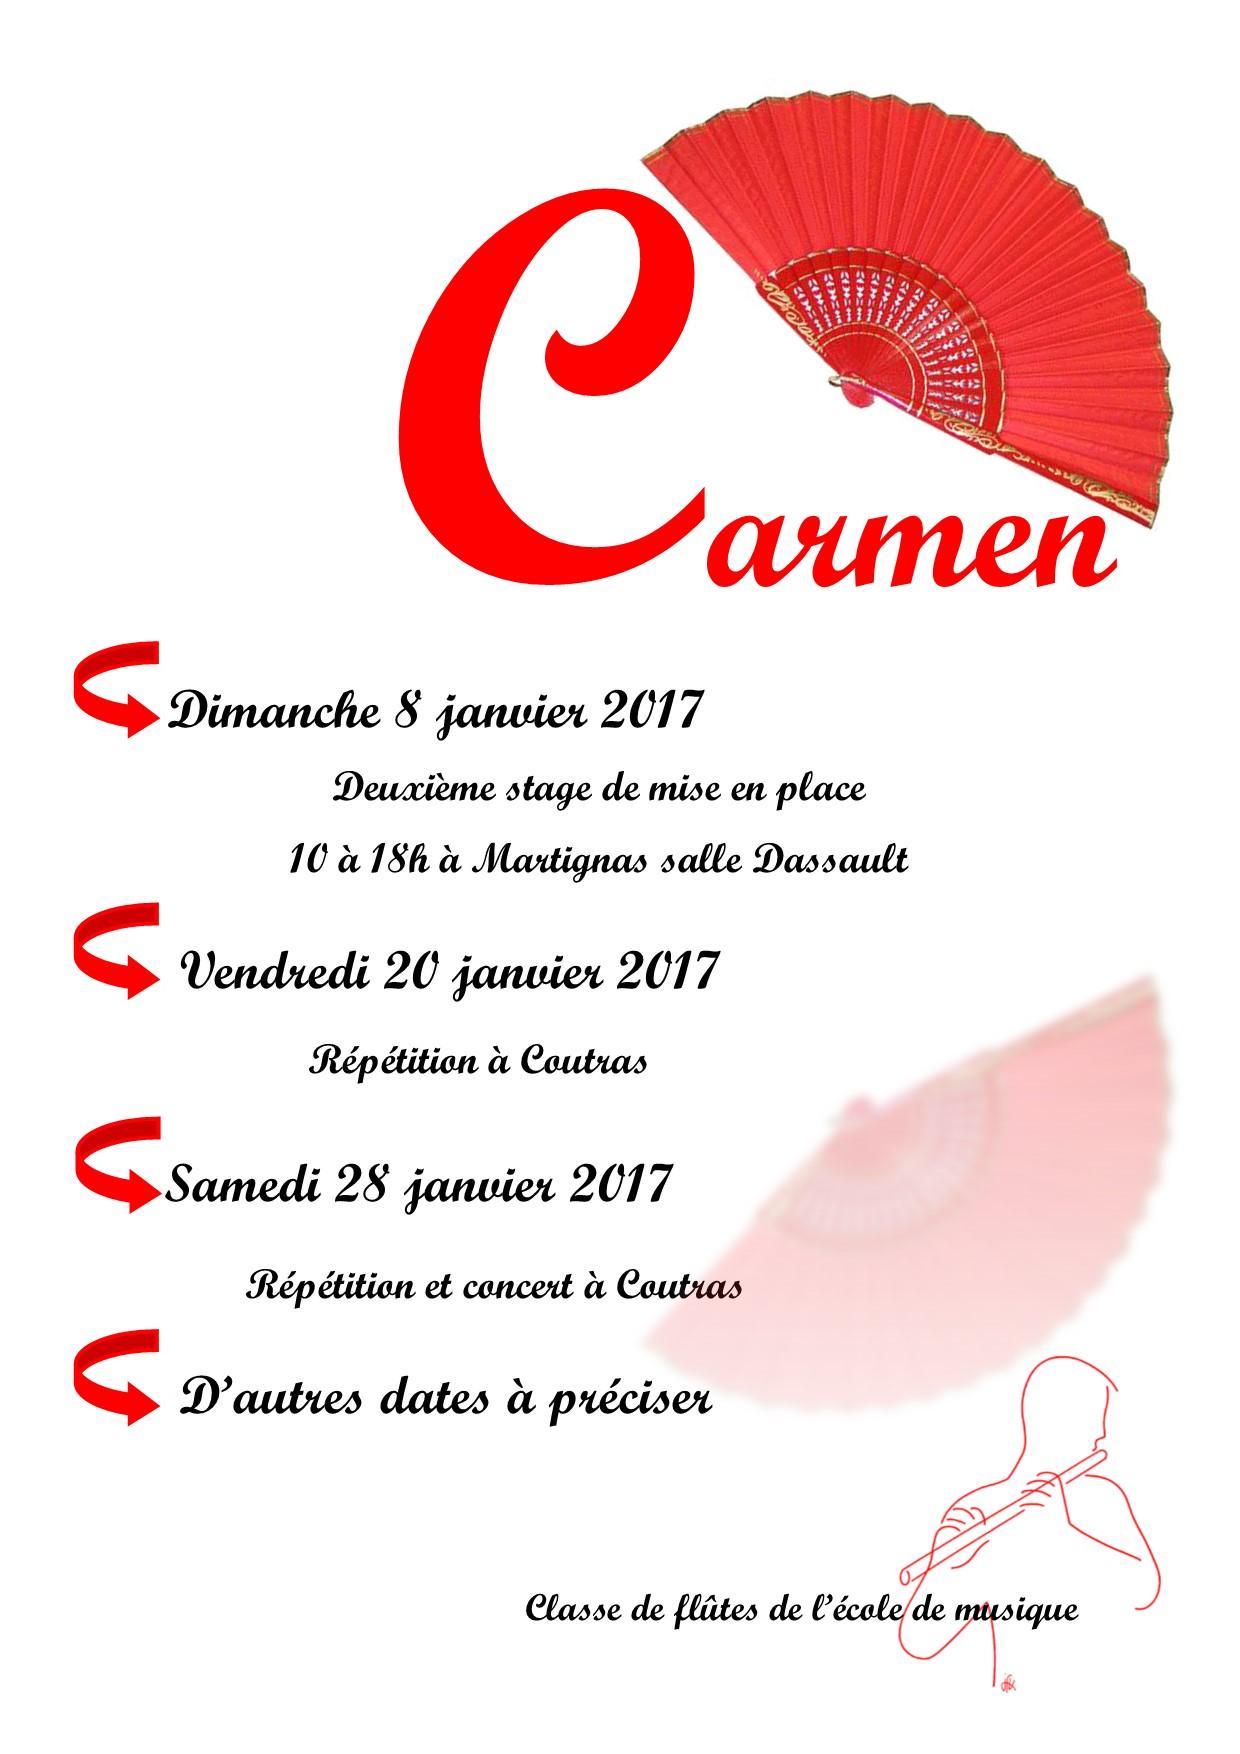 flyer-carmen-avec-le-stage-du-8-et-20-janvier